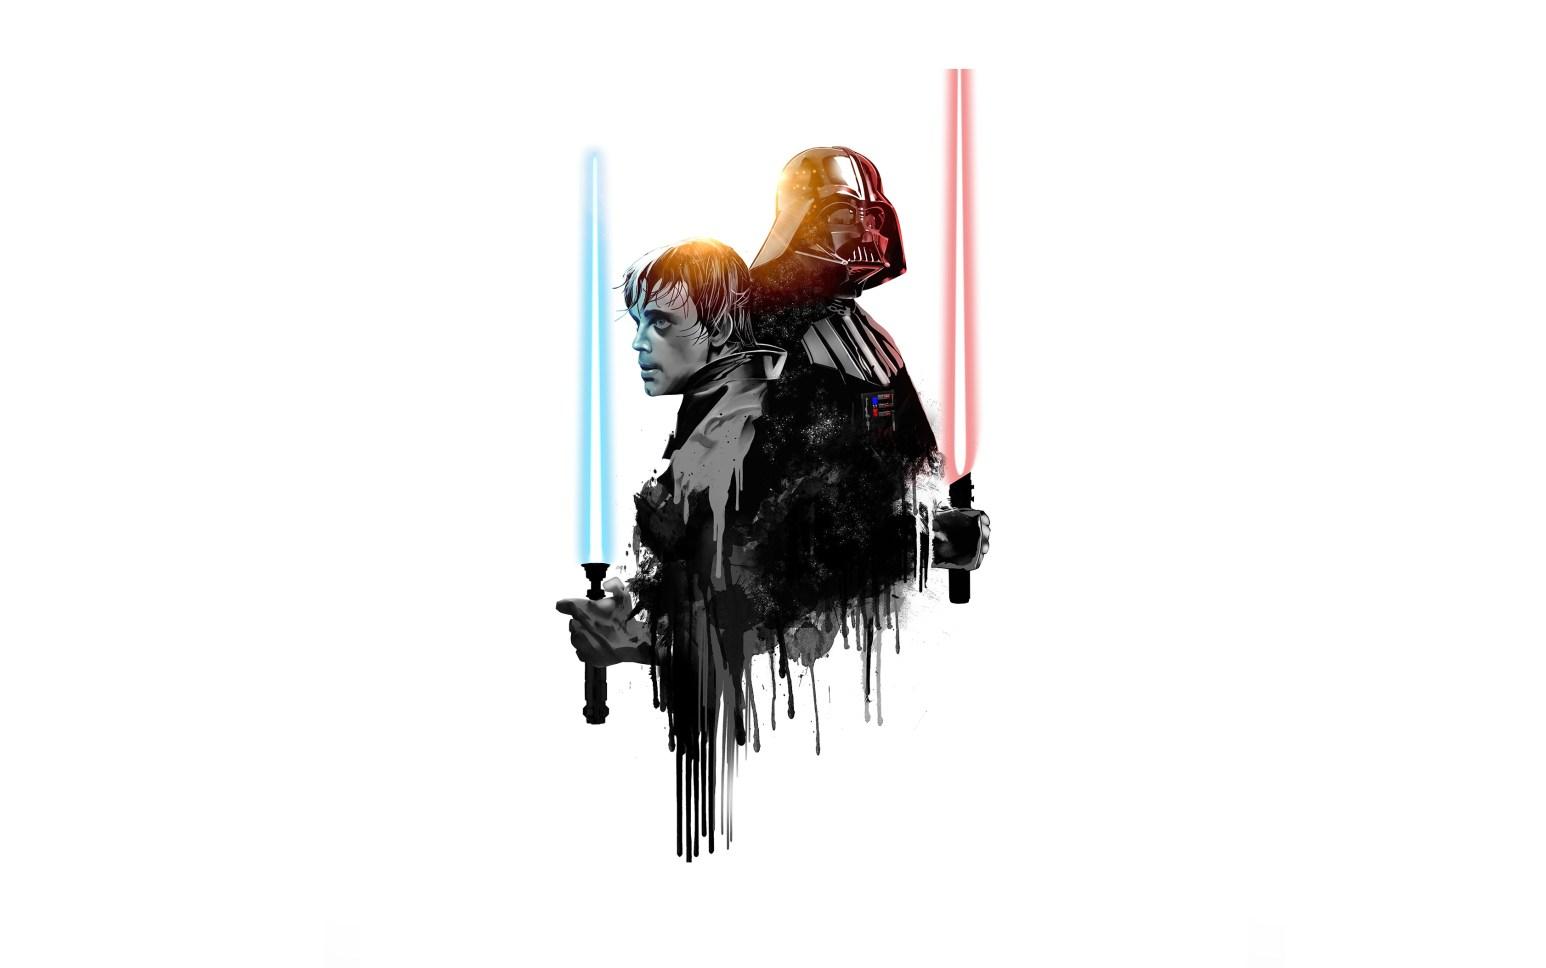 Luke and Vader Splatter